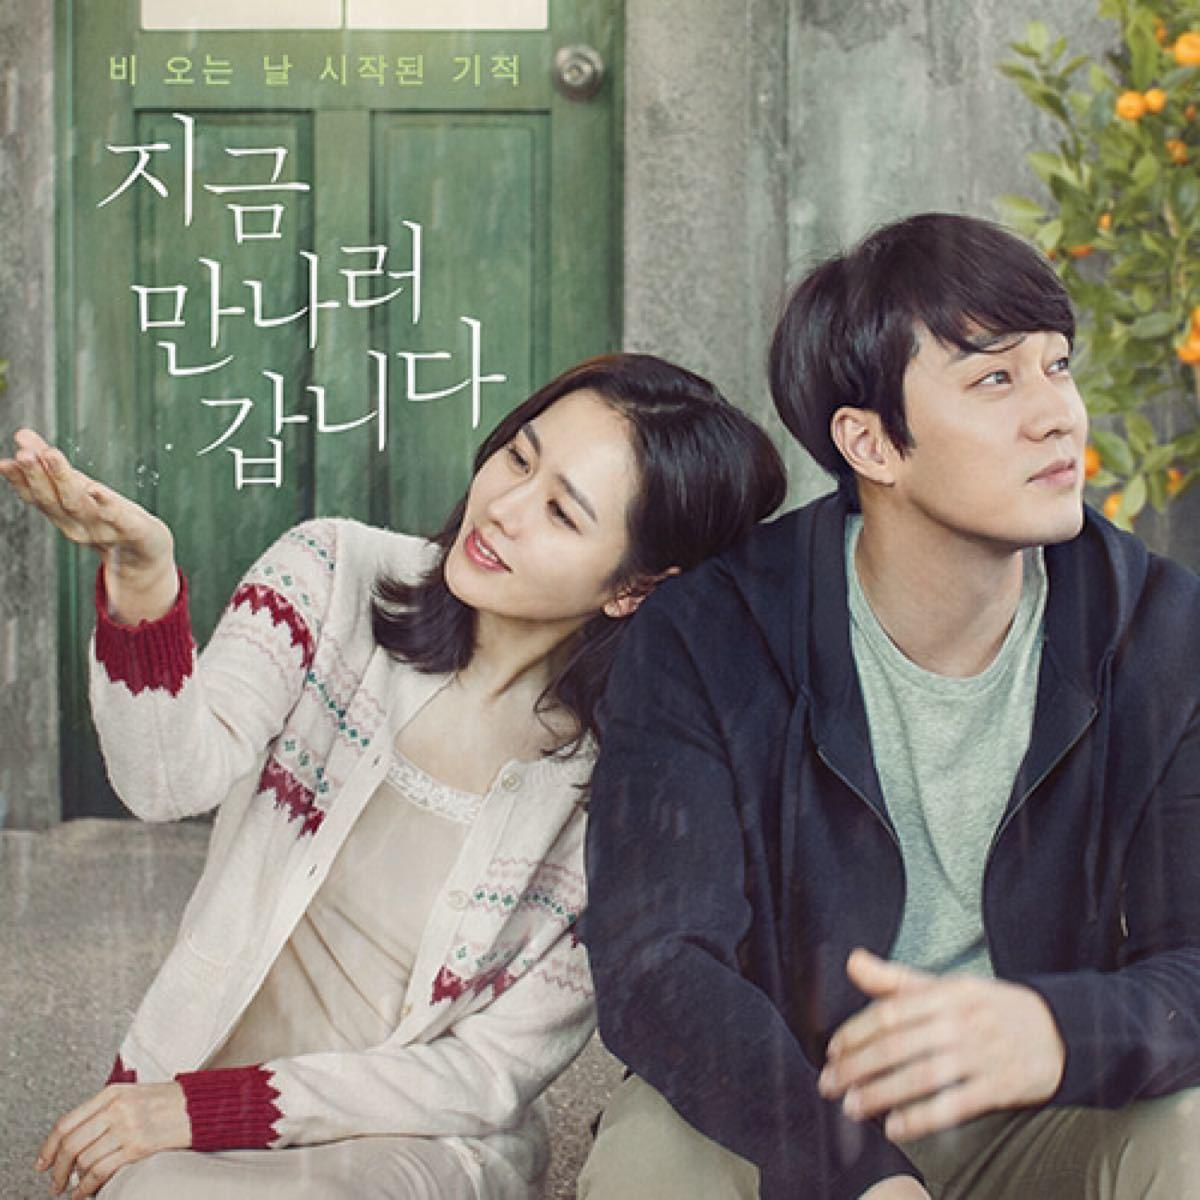 韓国映画  いま、会いにゆきます  ソン・イェジン  ソ・ジソプ  DVD 日本語吹替有り レーベル有り